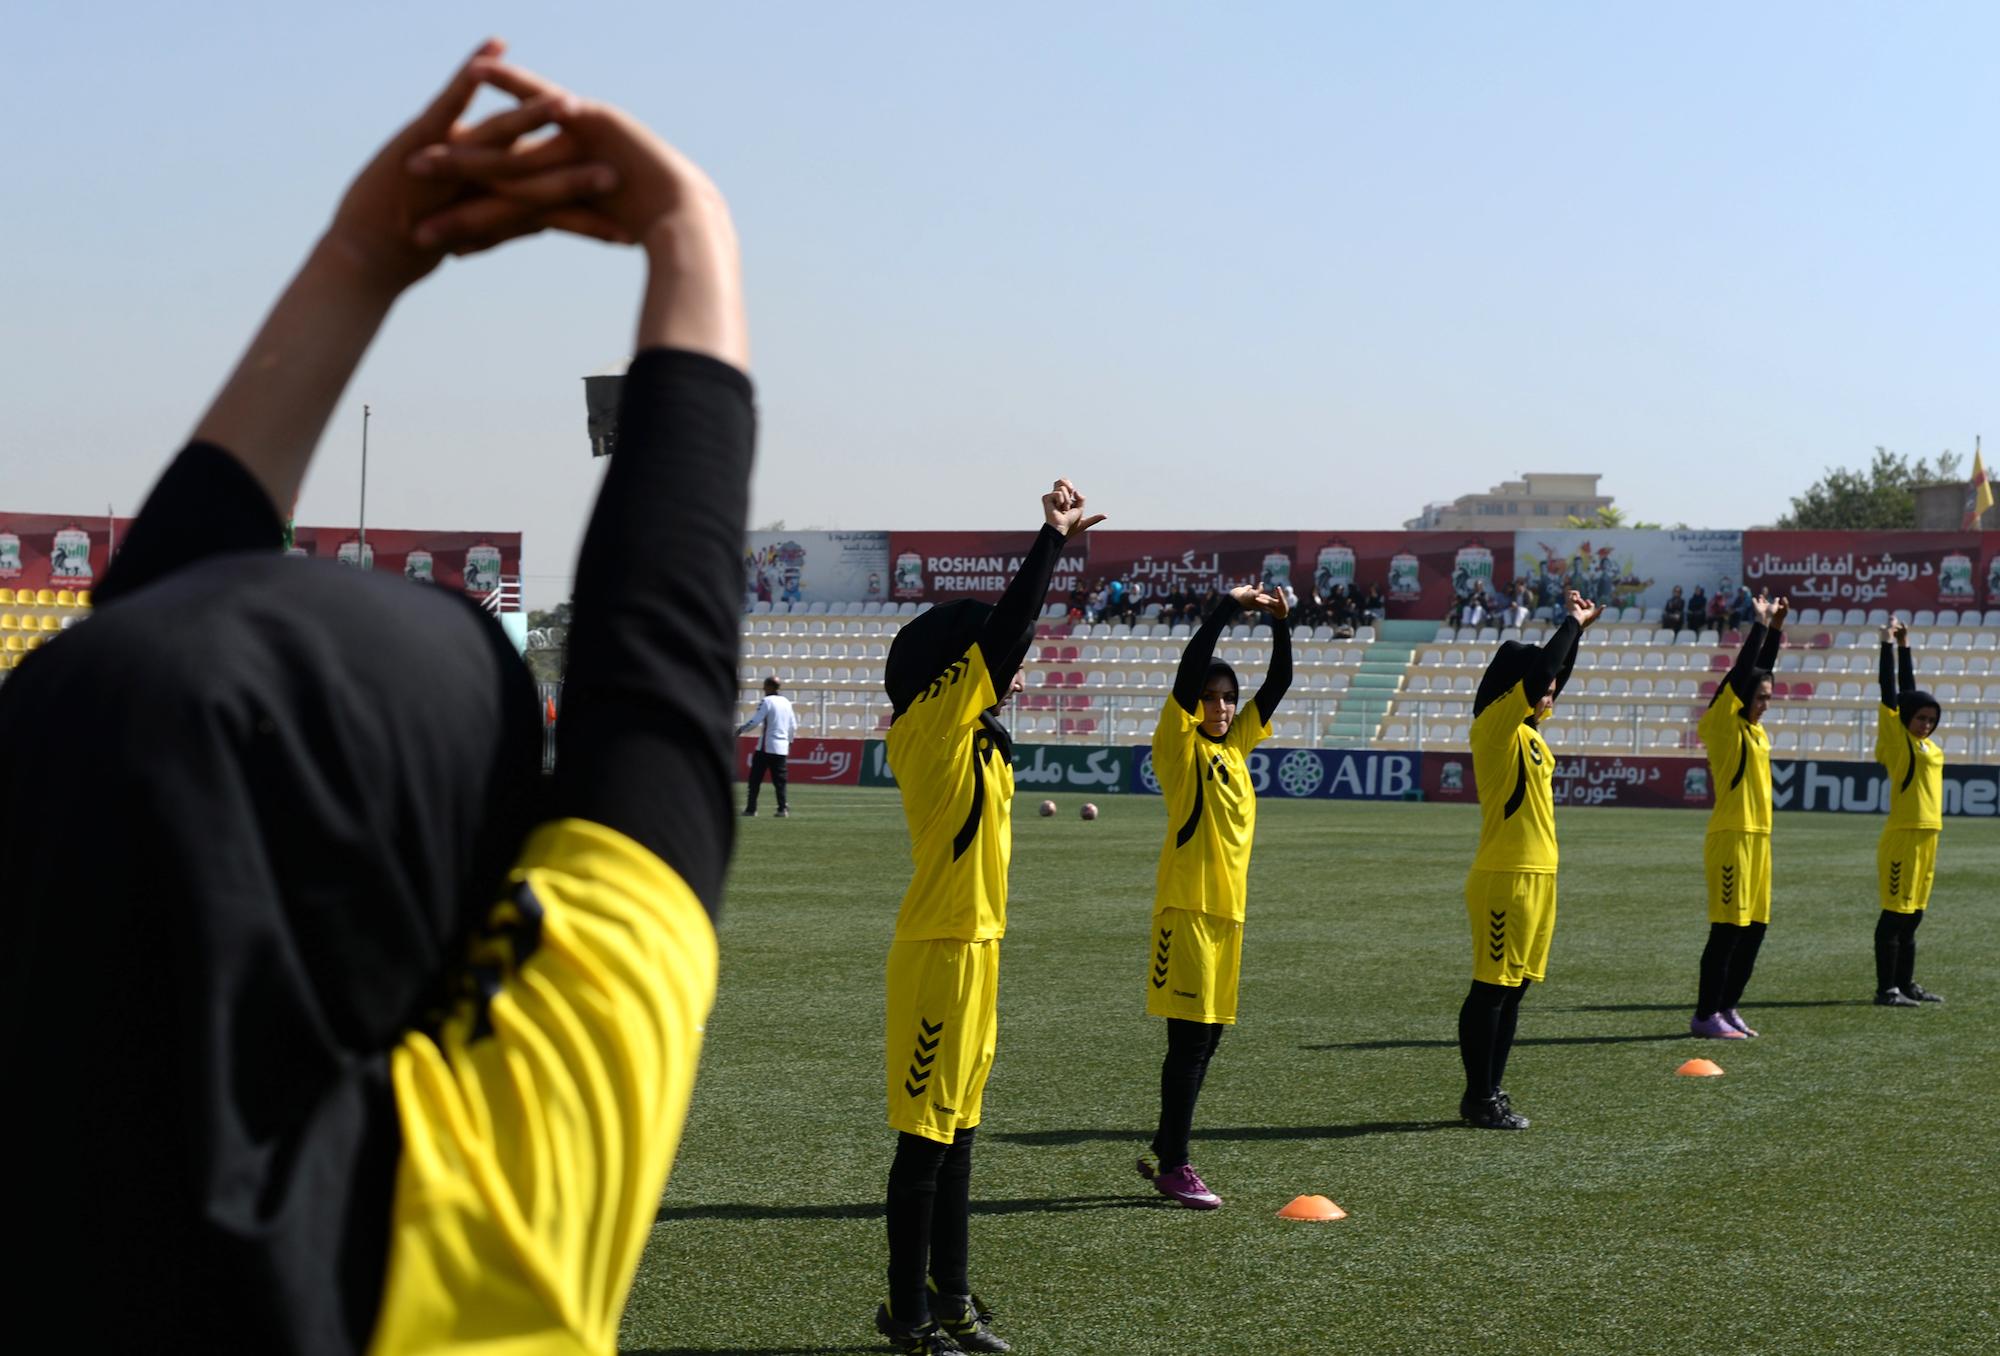 استقبال افغان ها از تفحص حکومت در رابطه با تعرض جنسی در فوتبال بانوان